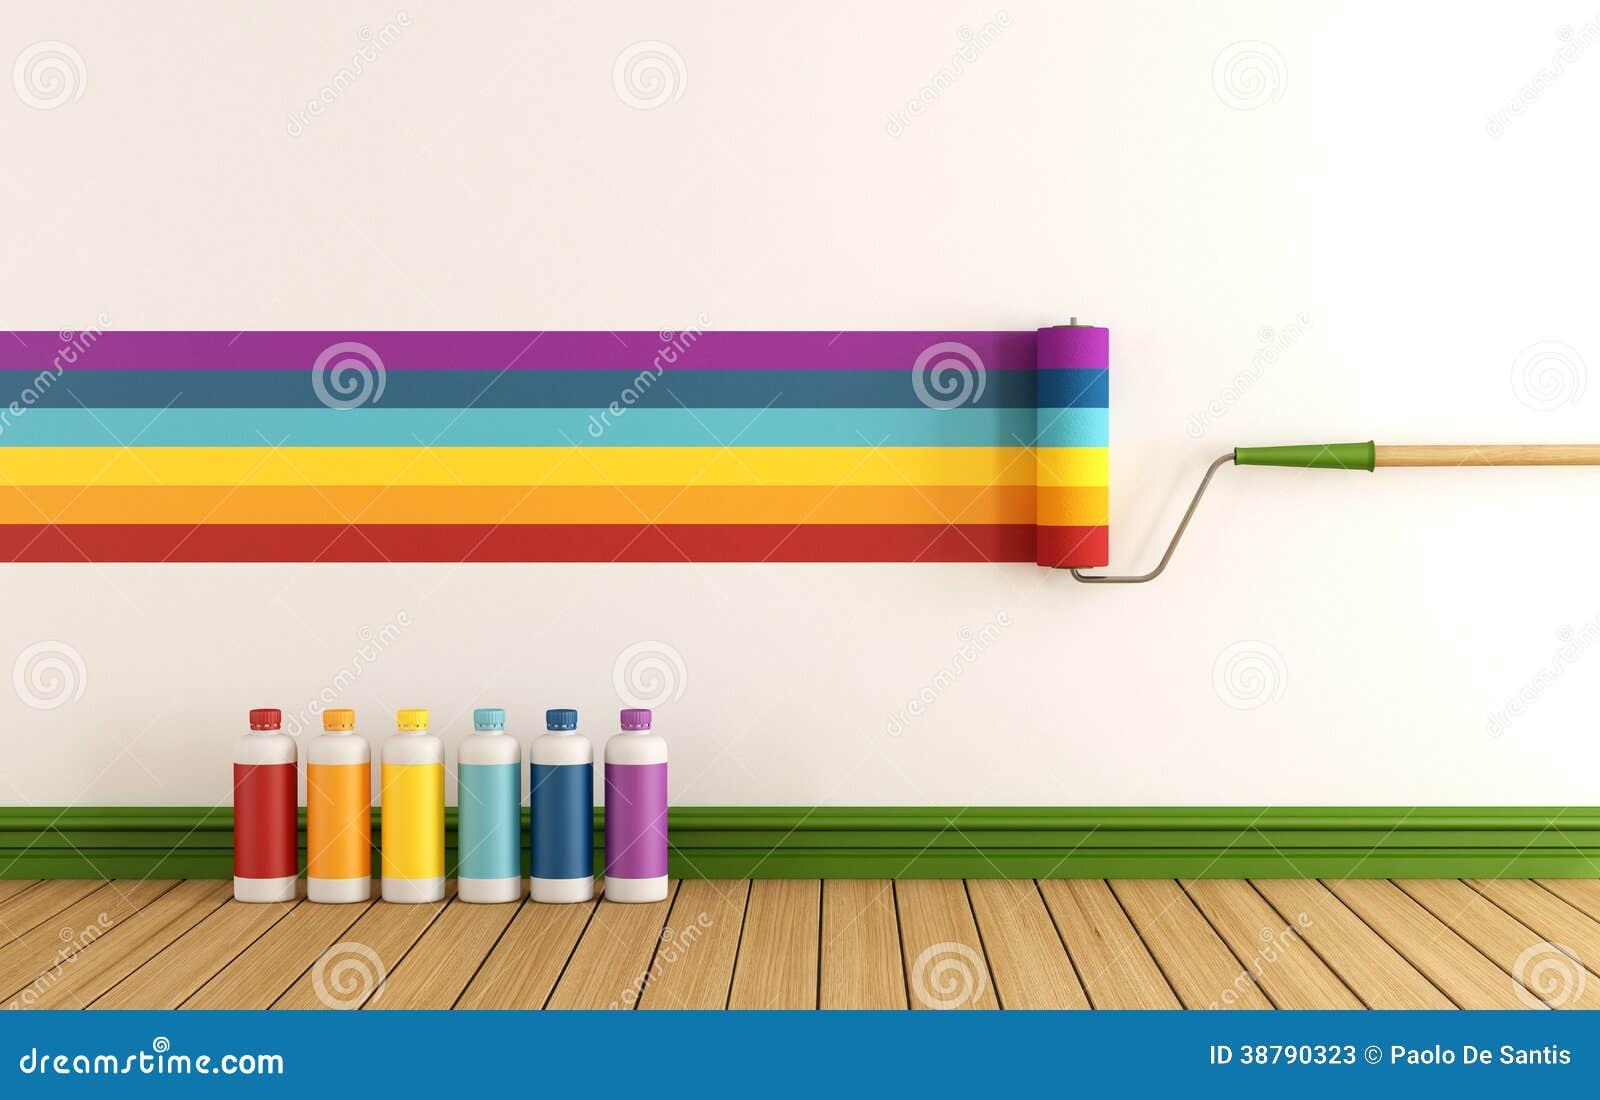 seleccione la muestra del color para pintar la pared stock